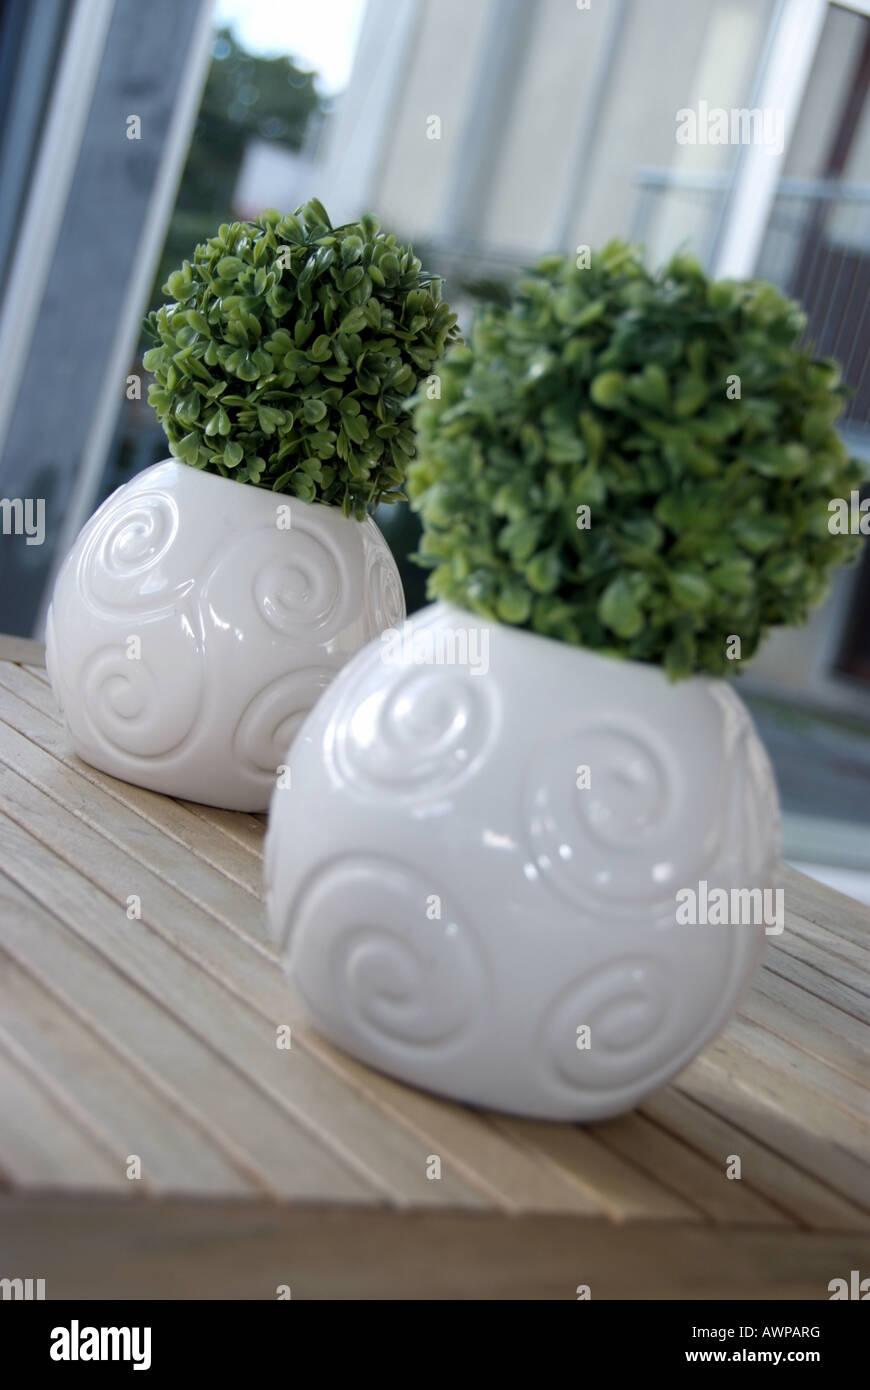 Deko Dekoration Gruenpflanze Gruenpflanzen Grünpflanze Grünpflanzen Pflanze Pflanzen Plastikpflanze Plastikpflanzen - Stock Image